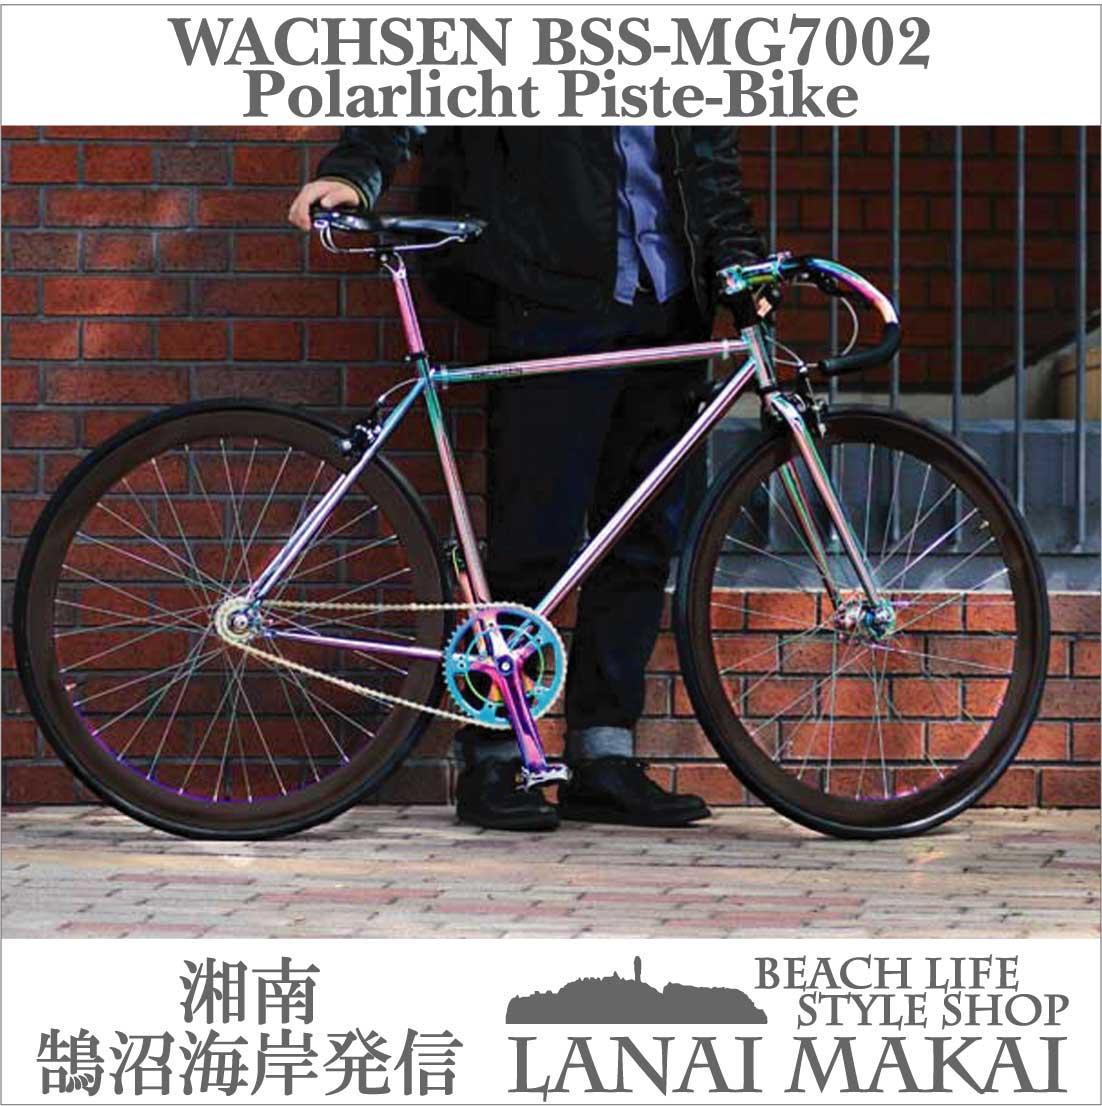 """【WACHSEN ピストバイク】BSS-MG7002 """"Polarlicht""""""""湘南鵠沼海岸発信""""ピストバイク ロードバイク 700C クロモリ ヴァクセン 人気 おしゃれ おすすめ"""